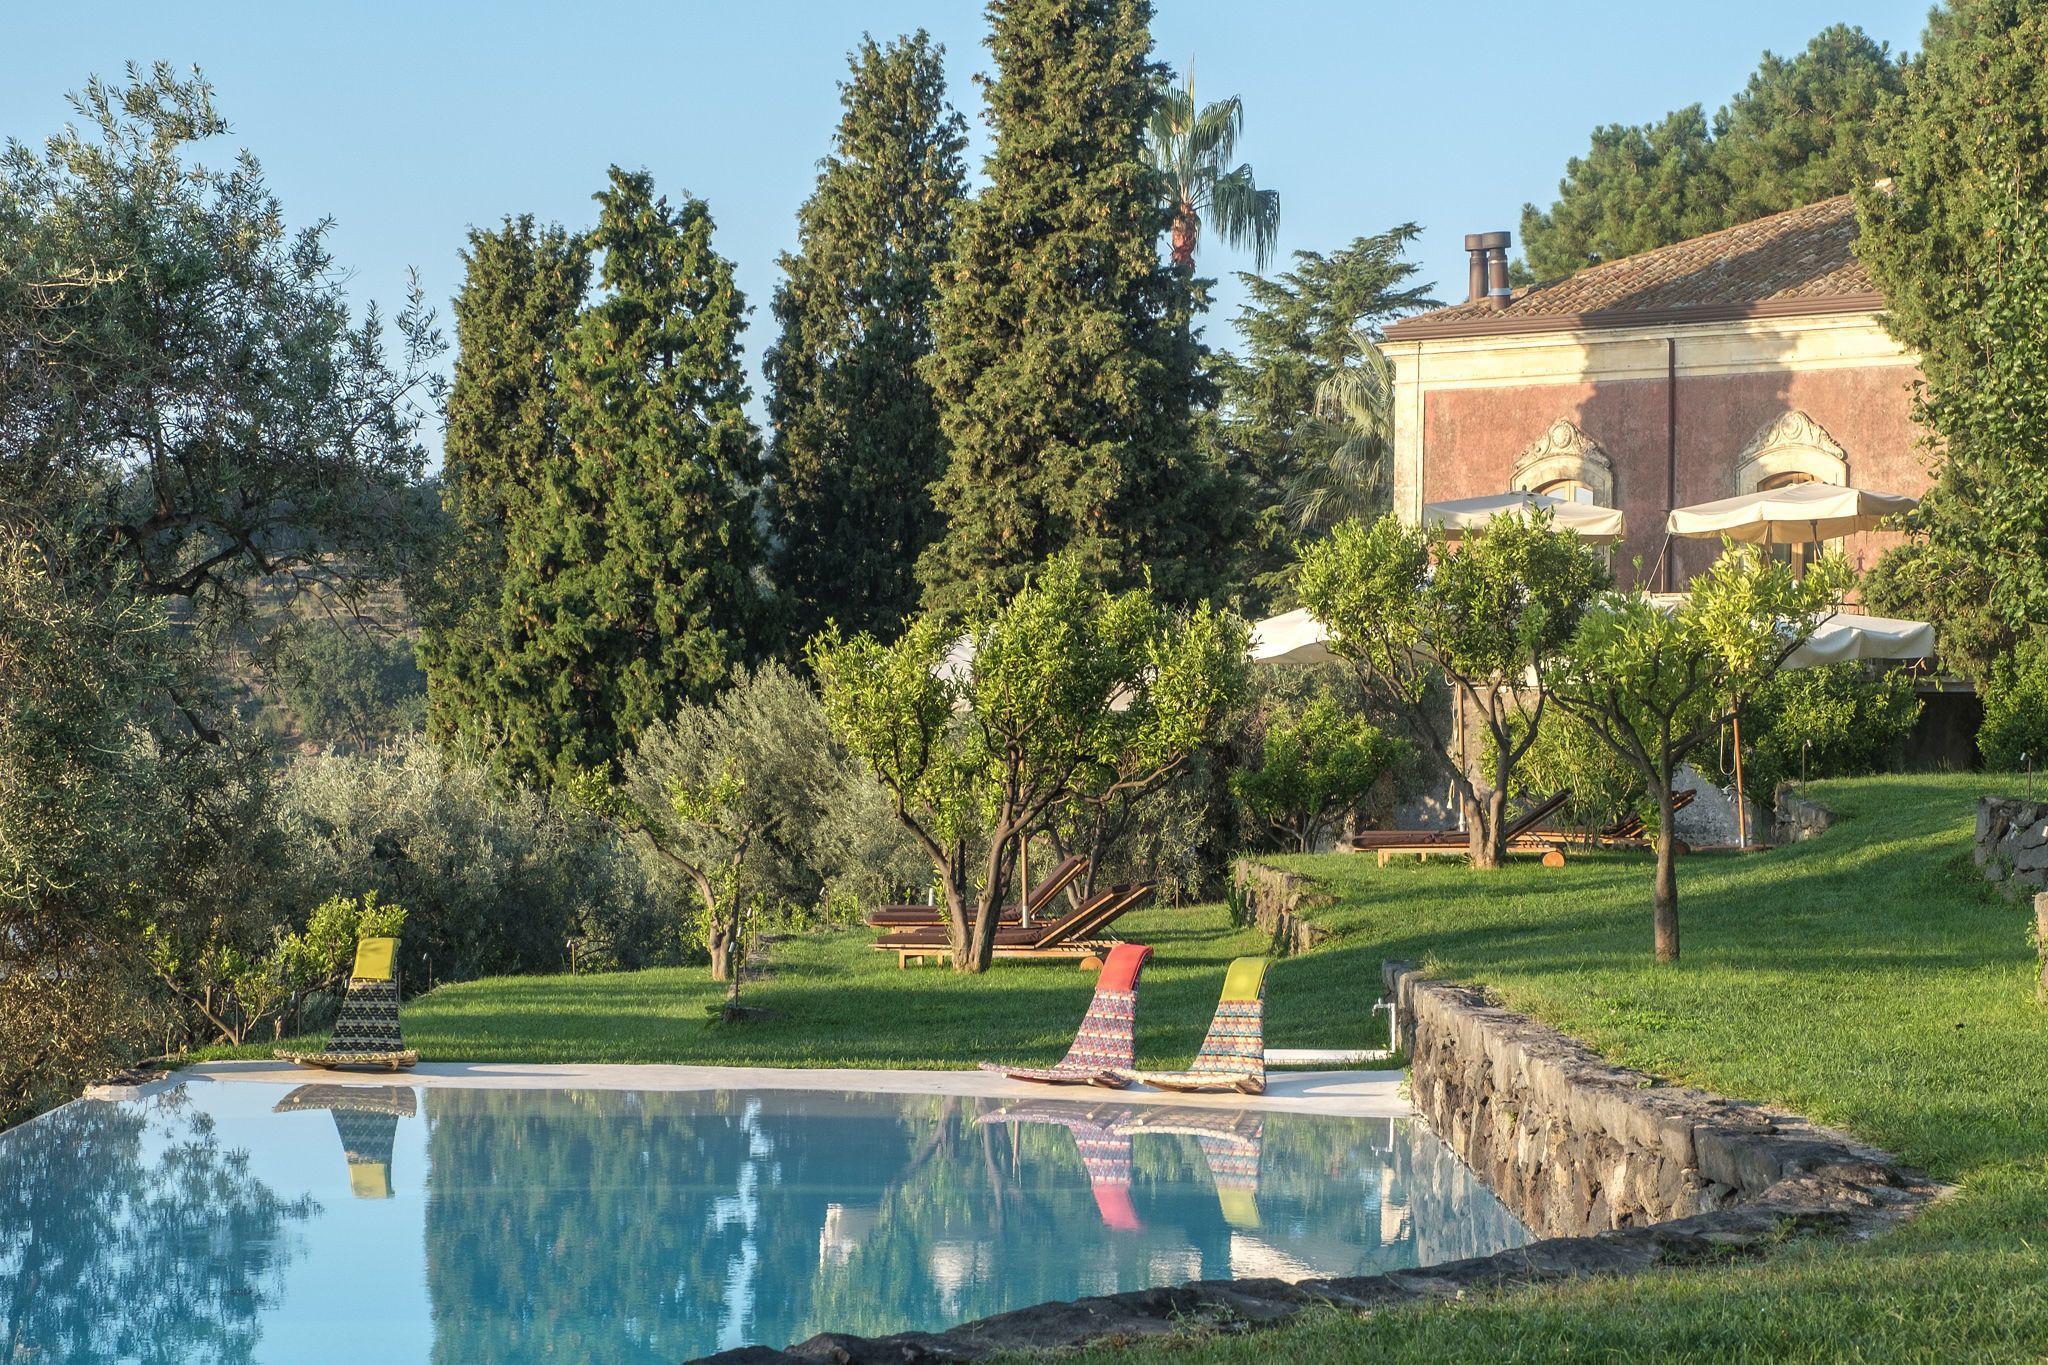 Courtesy of Monaci delle Terre Nere / Expedia